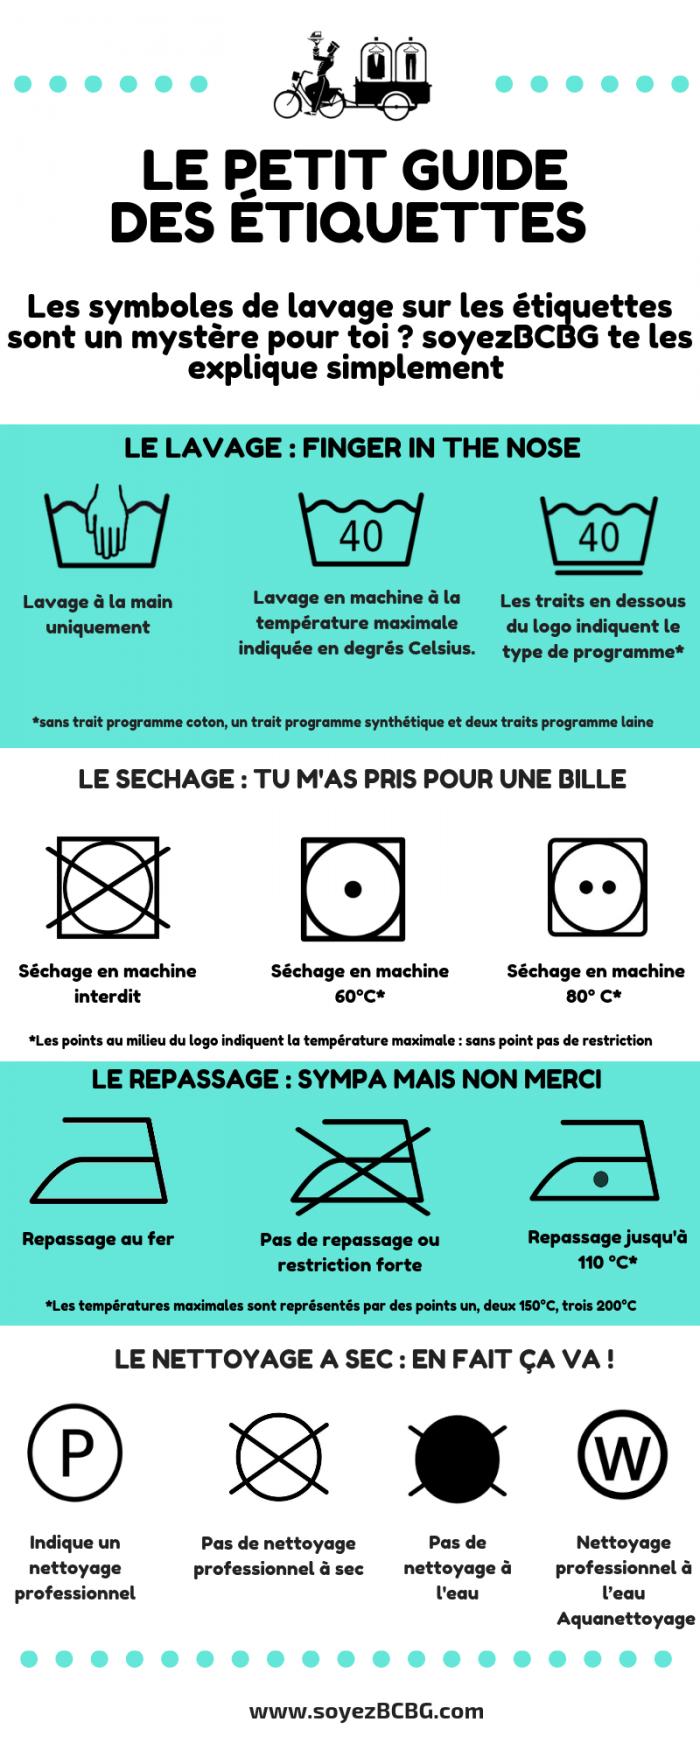 Symbole lavage : comment lire les étiquettes et décrypter les symboles de lavage